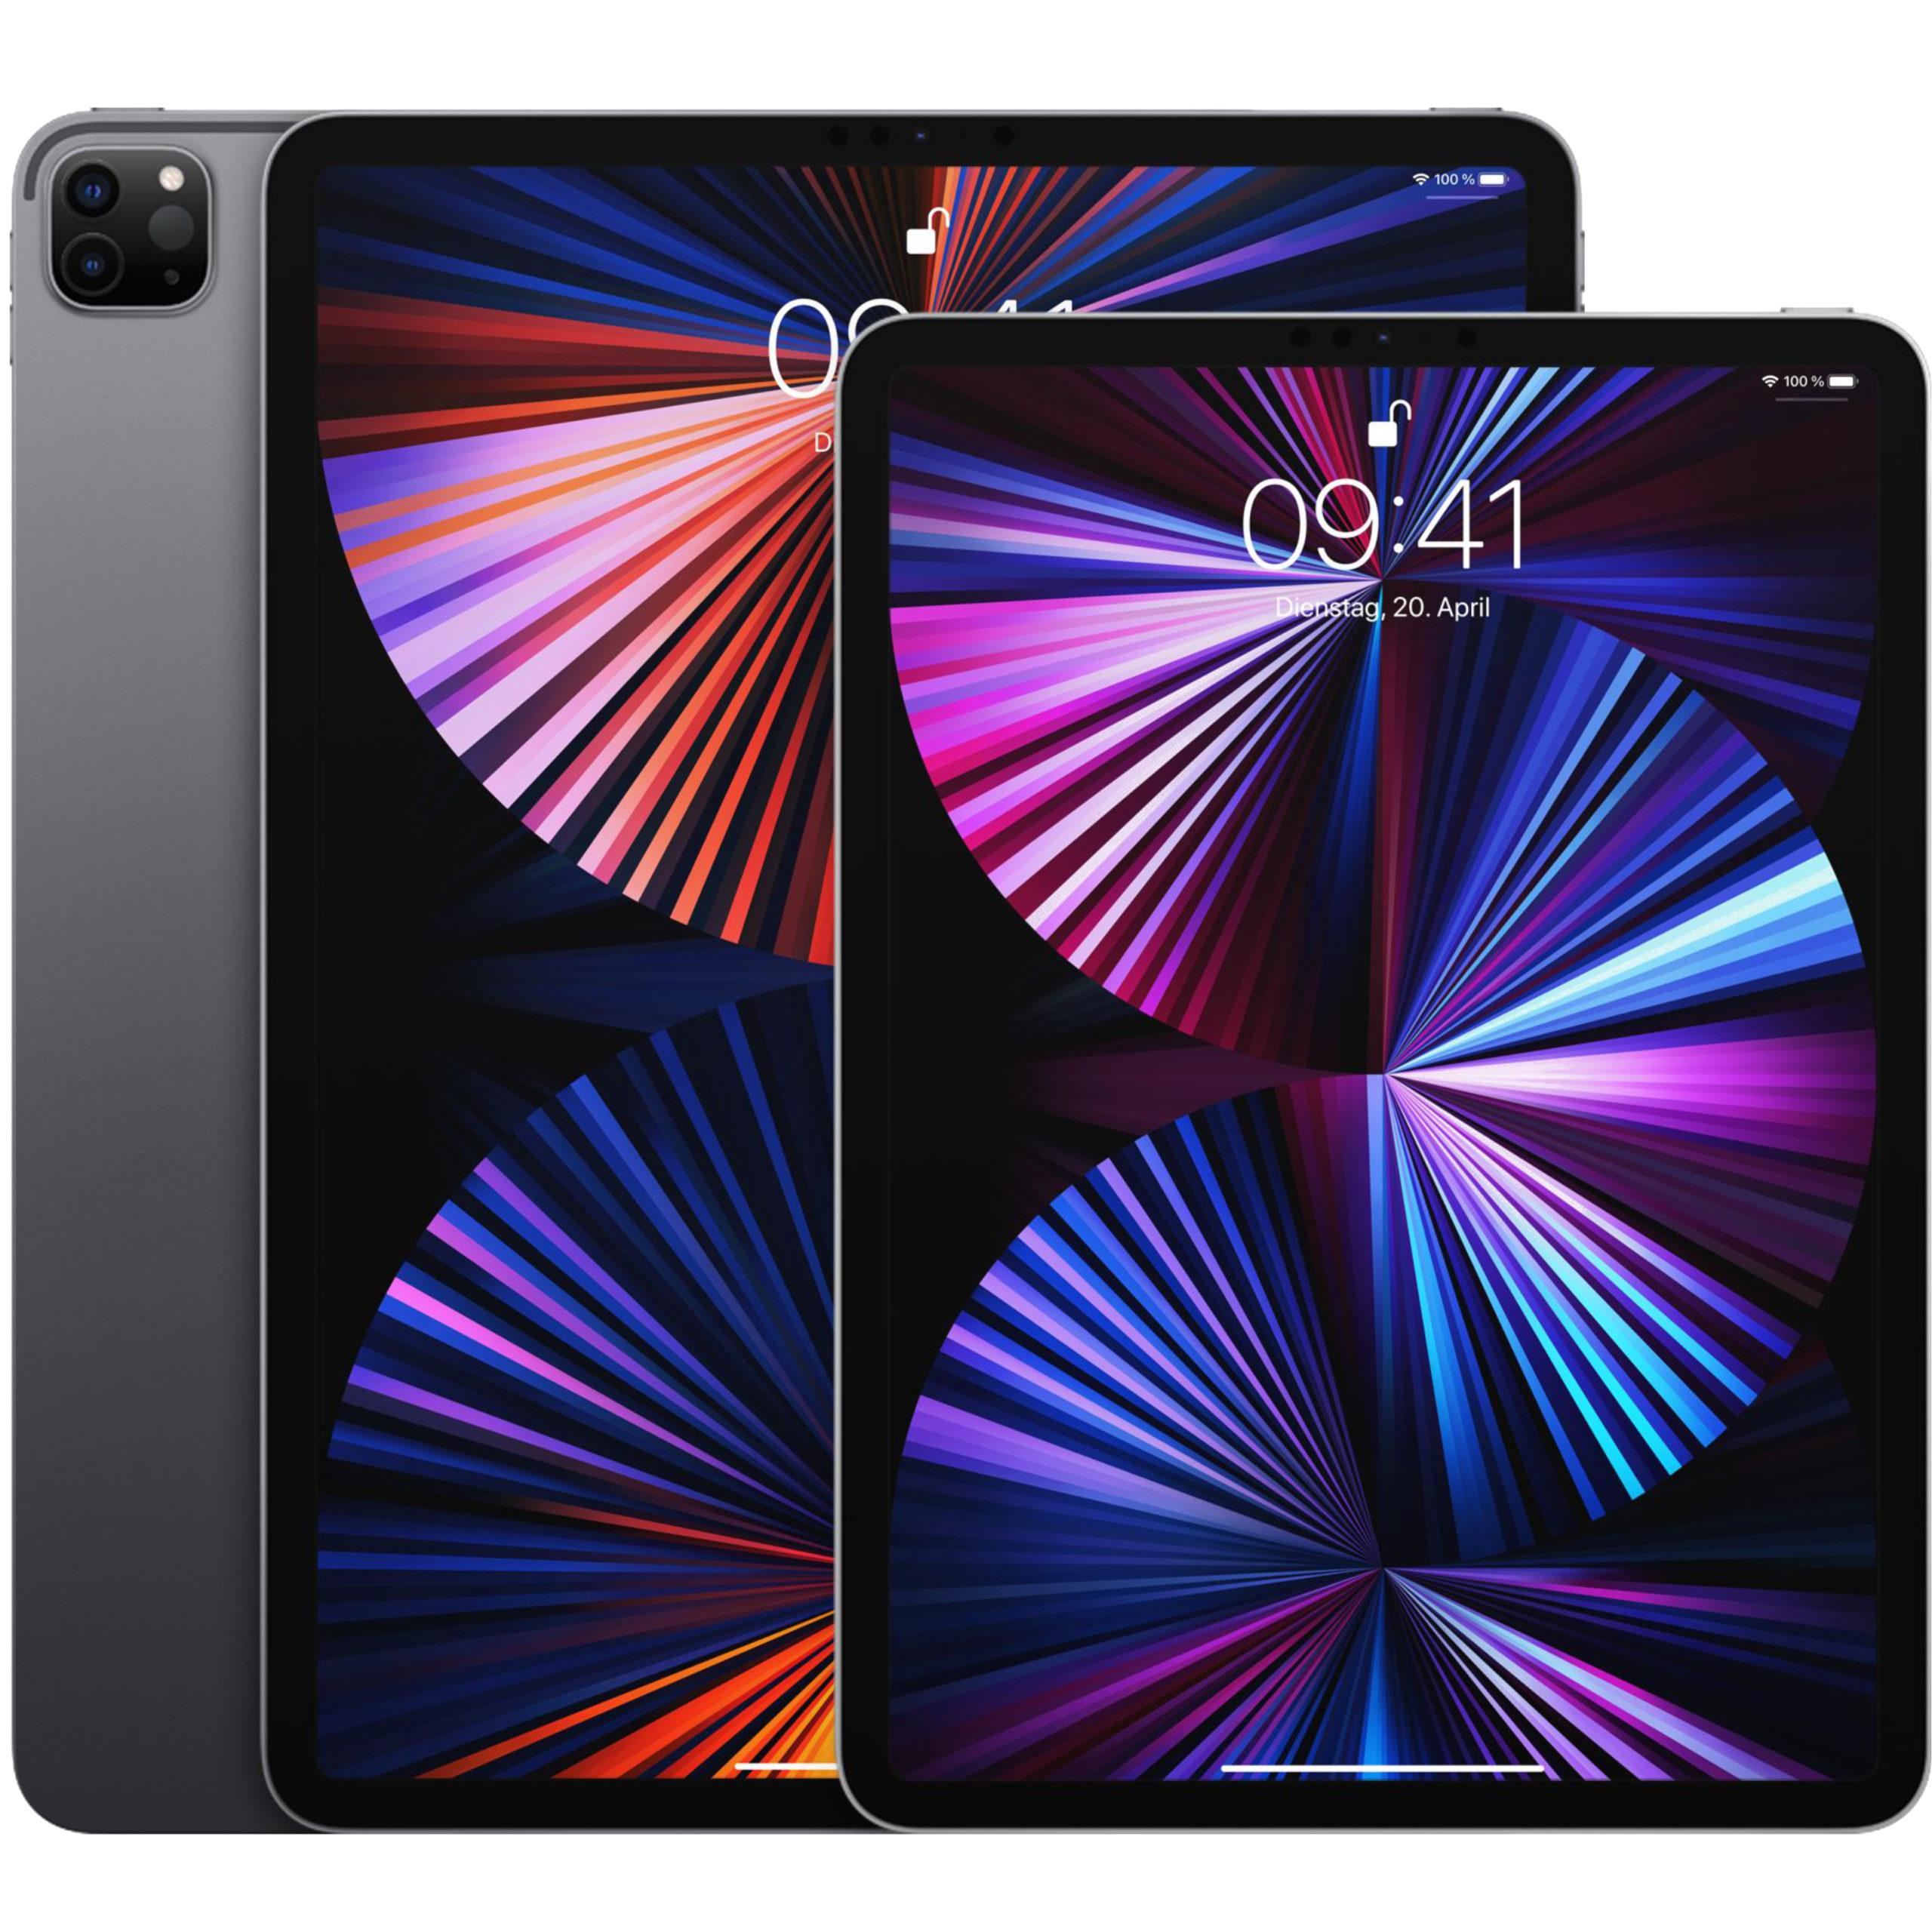 iPad Pro v2 scaled